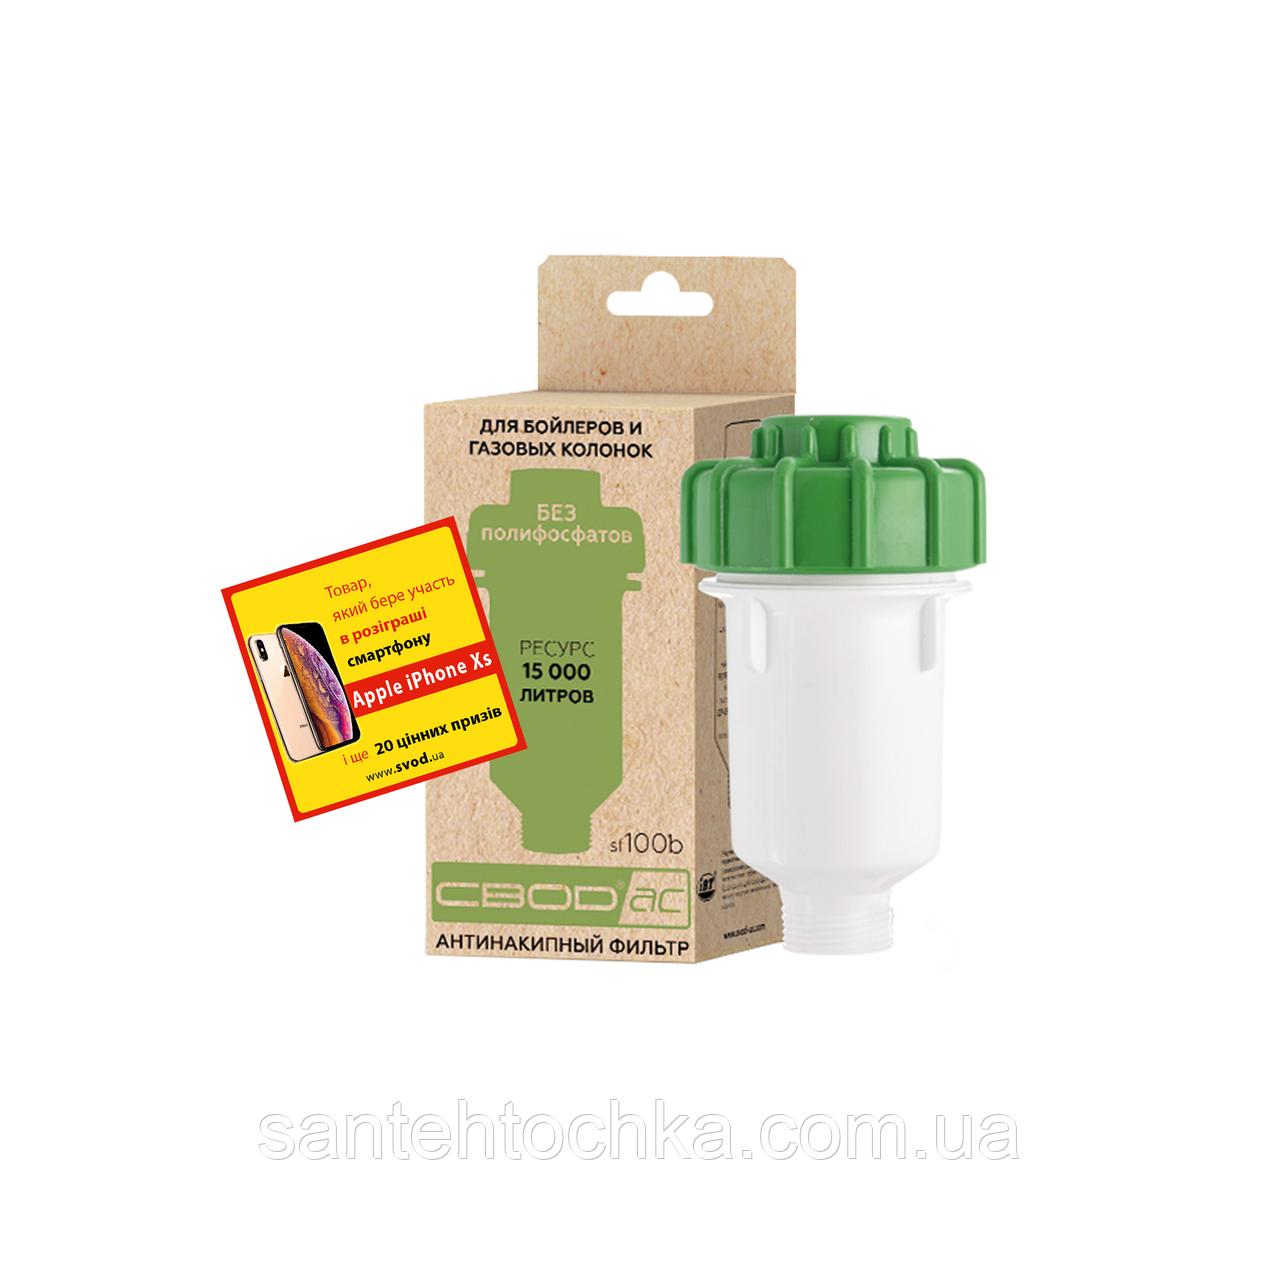 Антинакипный фільтр СВОД-АС для бойлерів та газових колонок sf100b